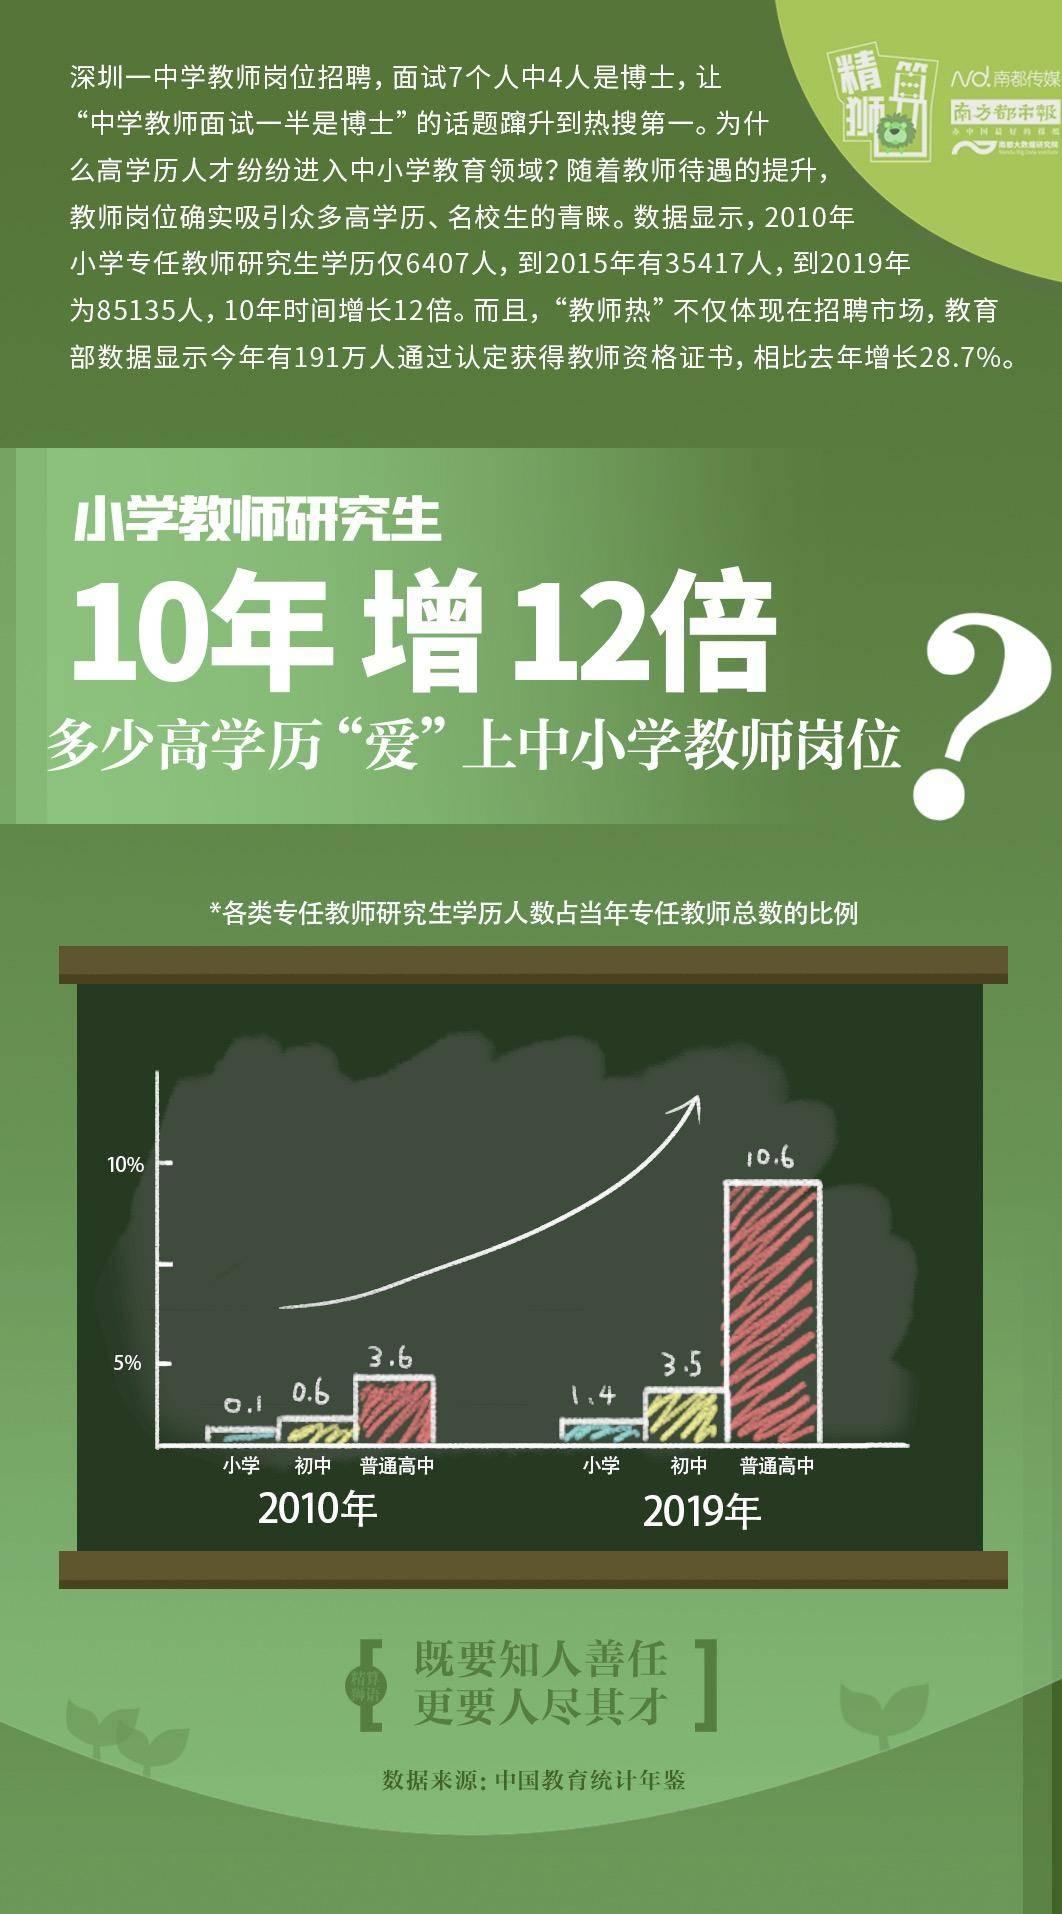 小学教师研究生10年增12倍,为何高学历爱当中小学教师?